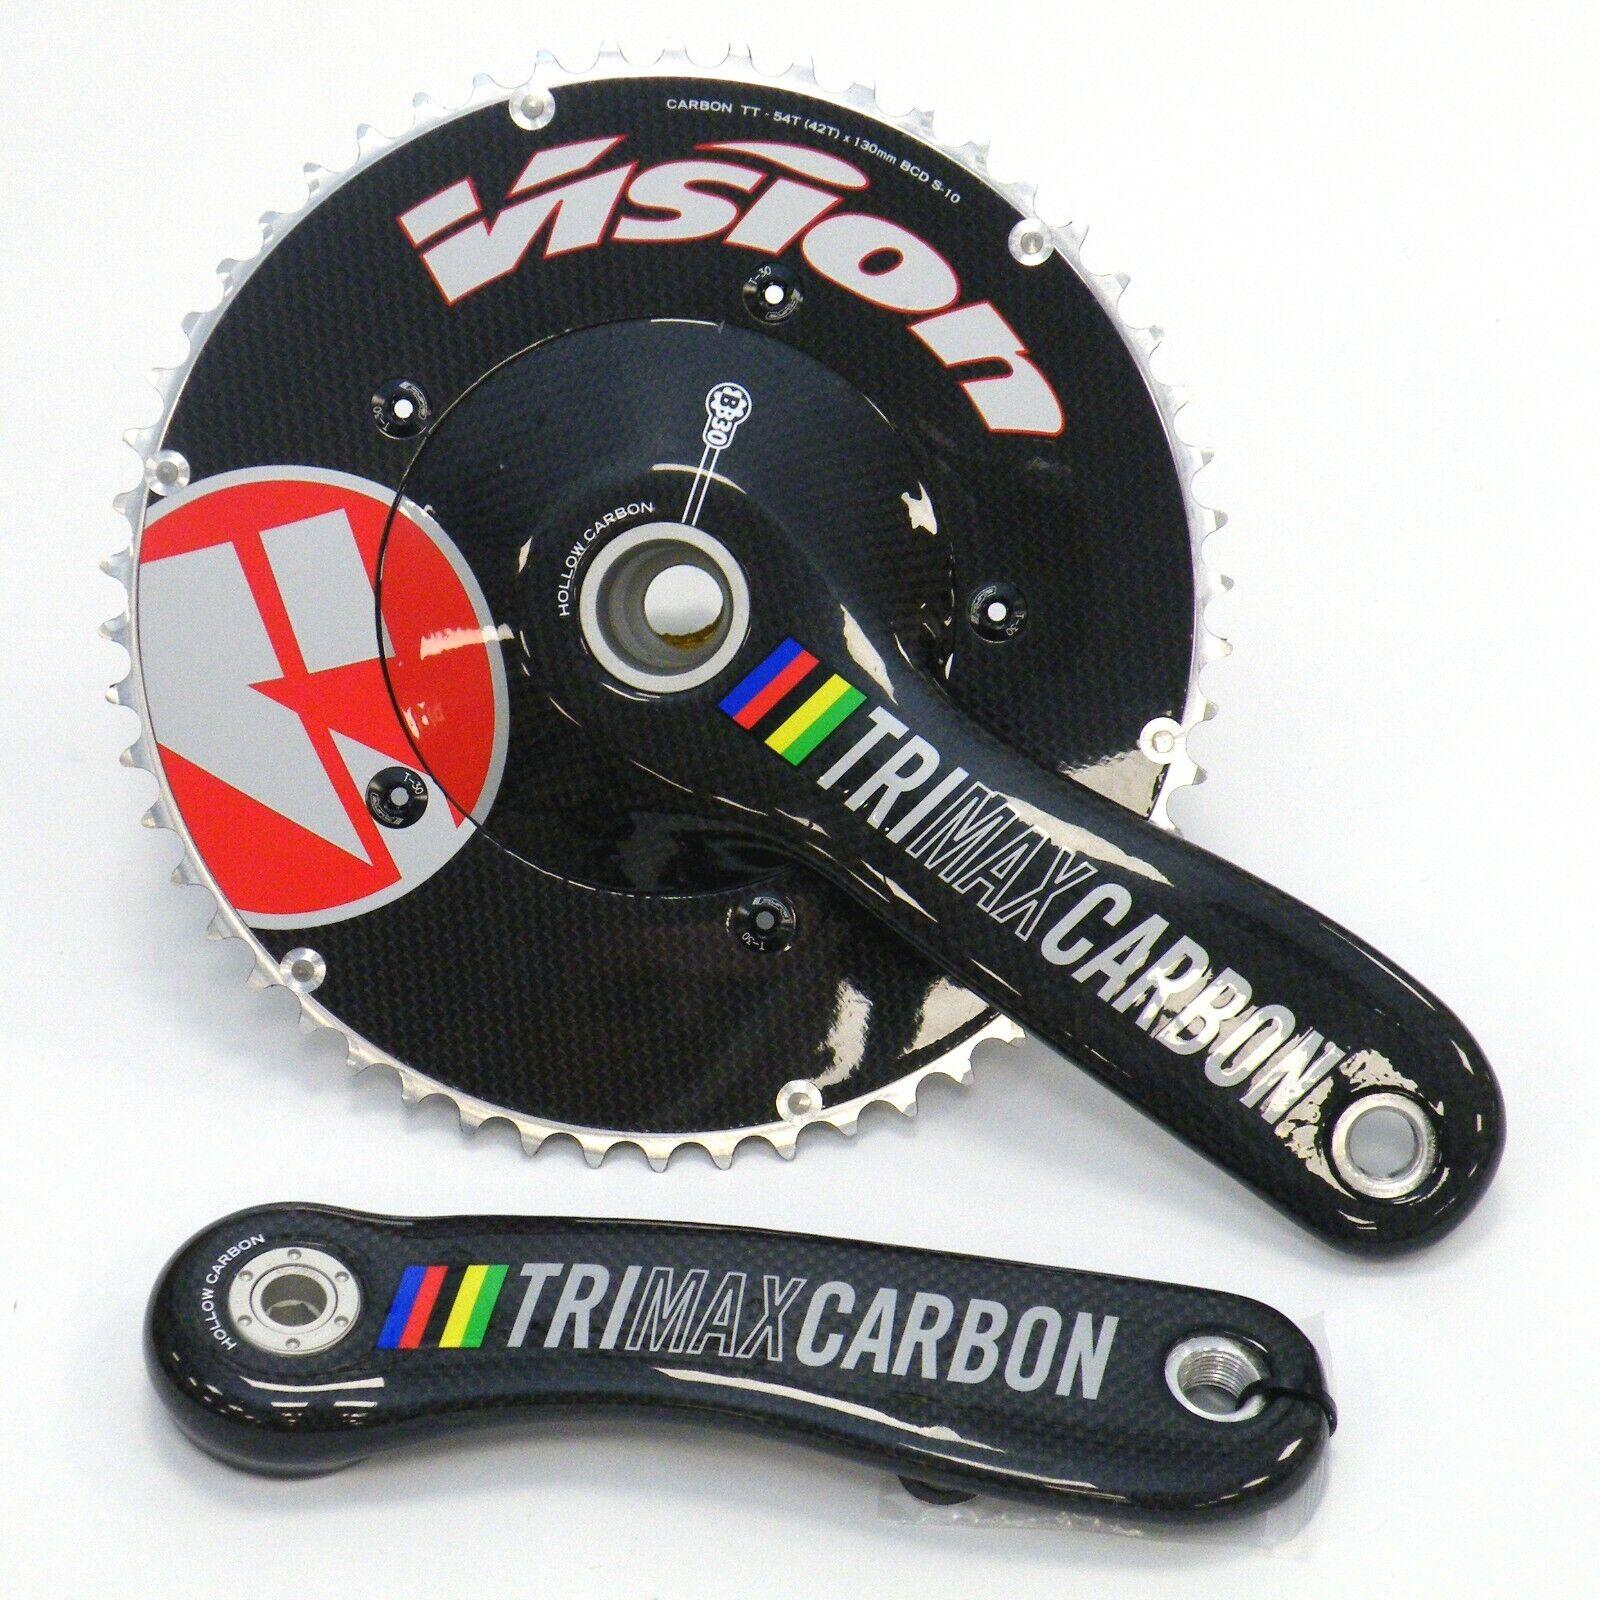 Vision Trimax Aero cronometro Guarnitura per BB30  172.5mm 4252